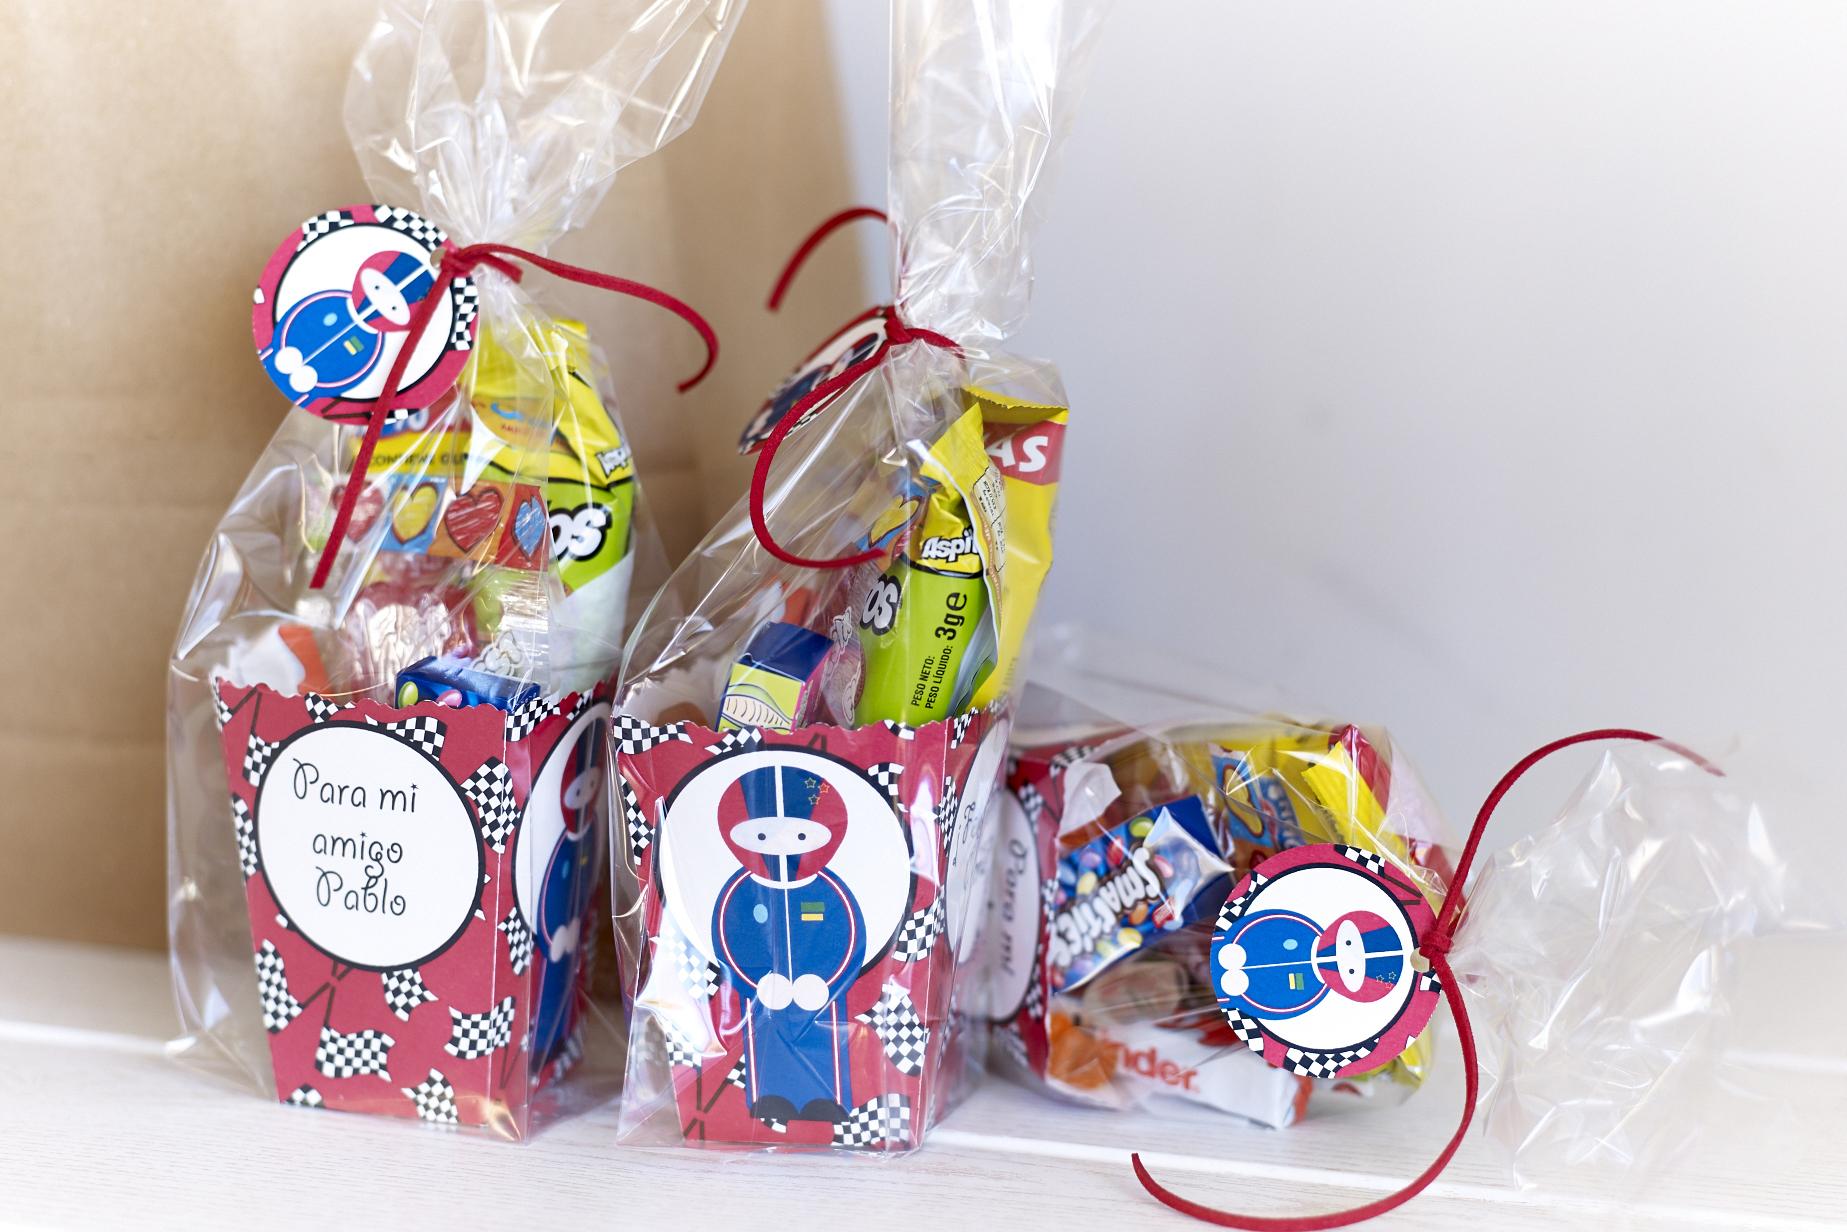 Cumplea os ni o celebralobonito banderines y decoraci n - Carro de chuches para cumpleanos ...